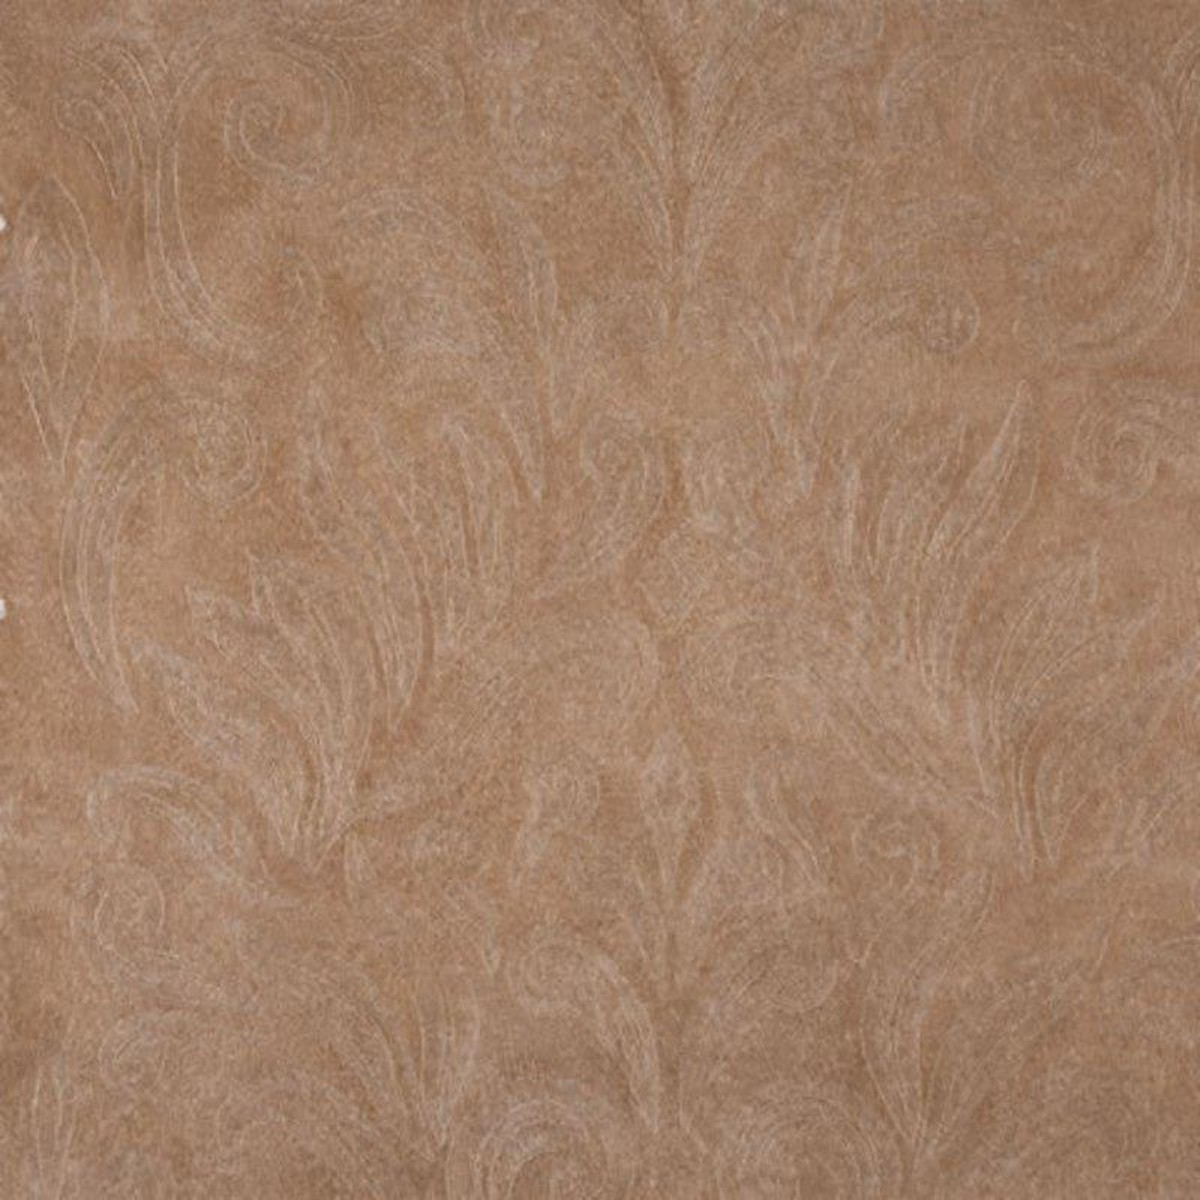 Обои бумажные York Wallcoverings Silver Leaf желтые PM92317 0.68 м